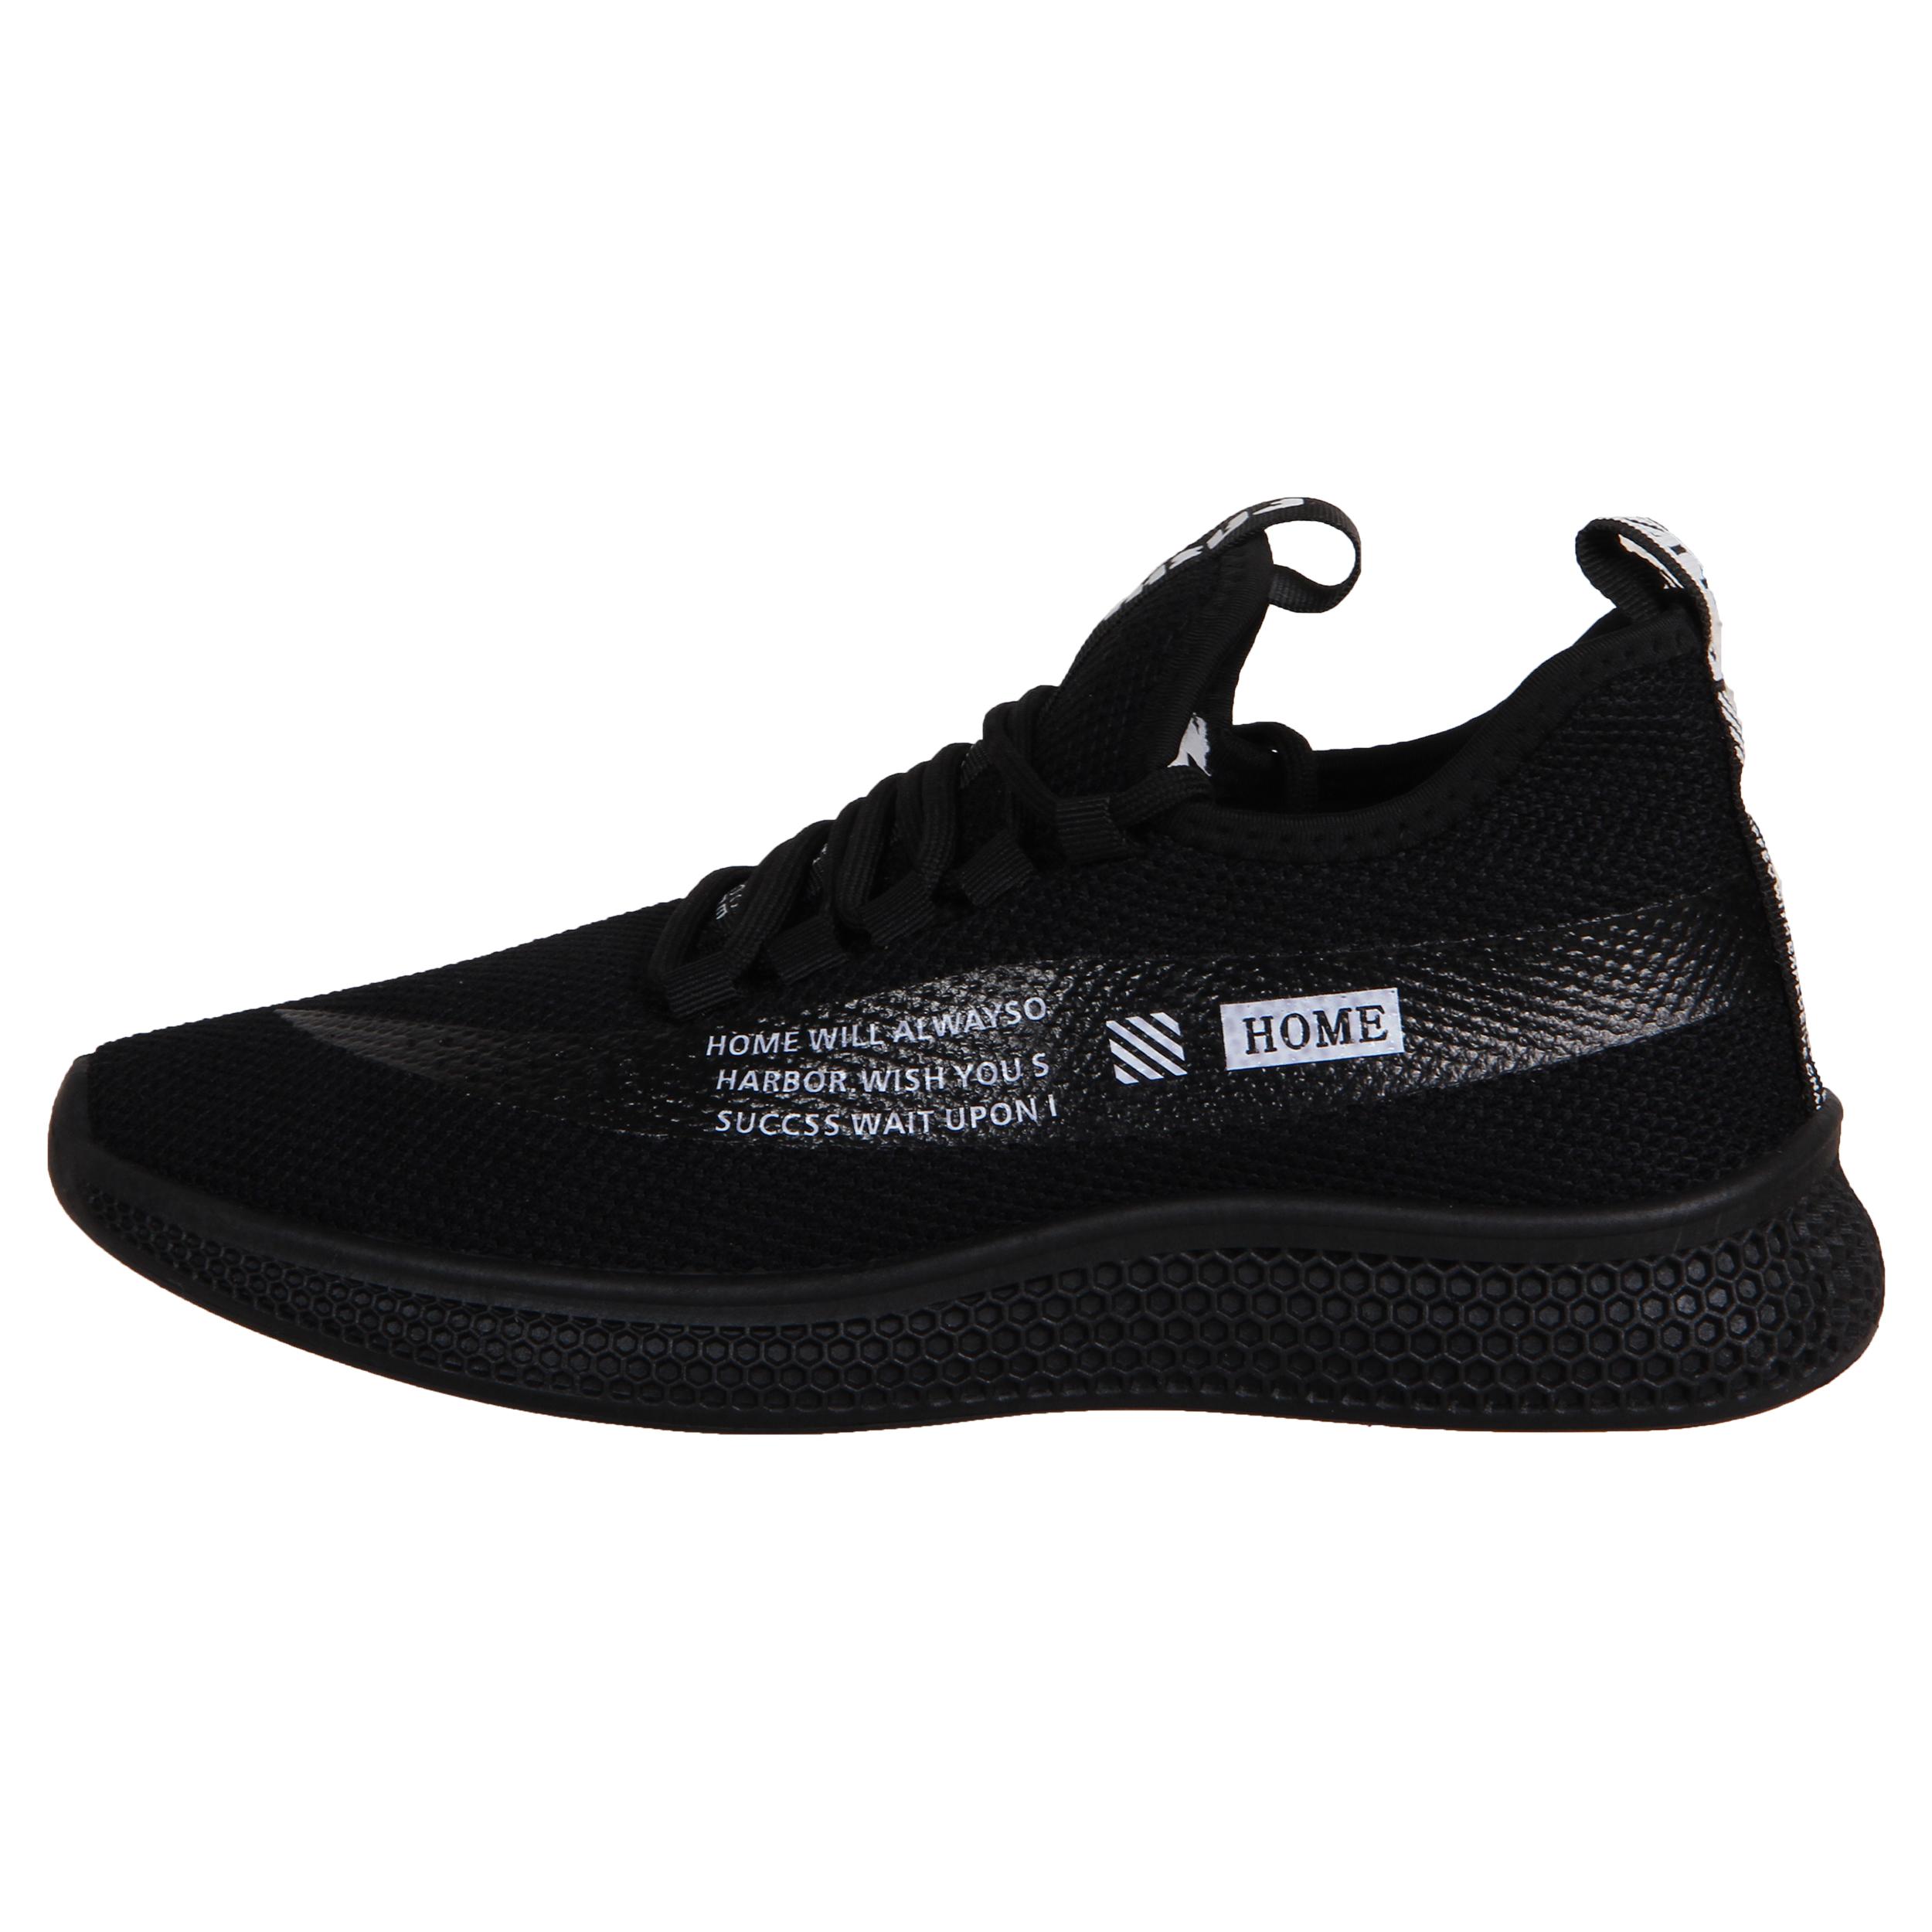 کفش مخصوص پیاده روی مردانه کد 4-5003